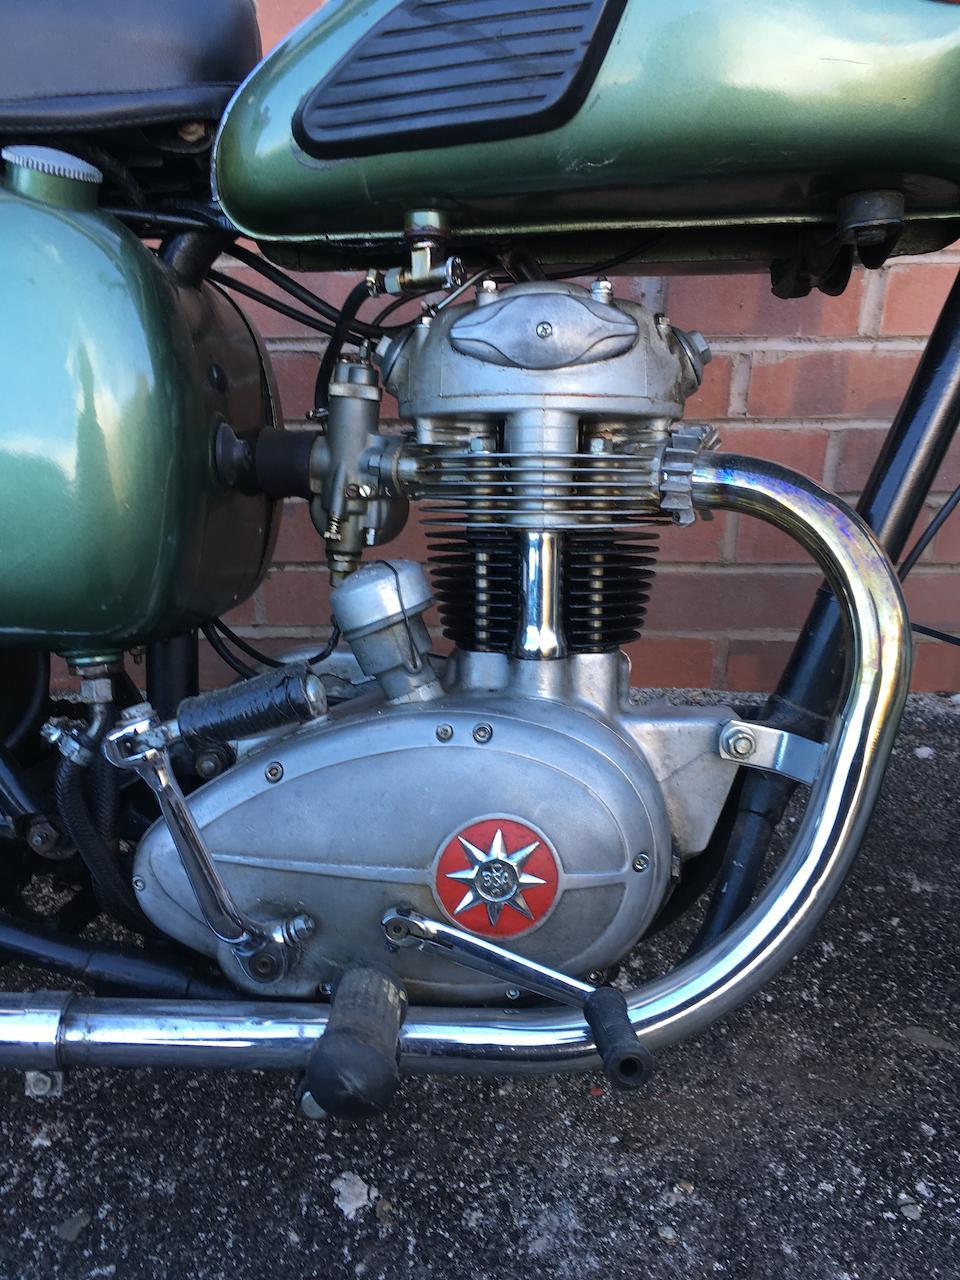 1959 BSA 247cc C15 Frame no. C15 5558 Engine no. C SS 700